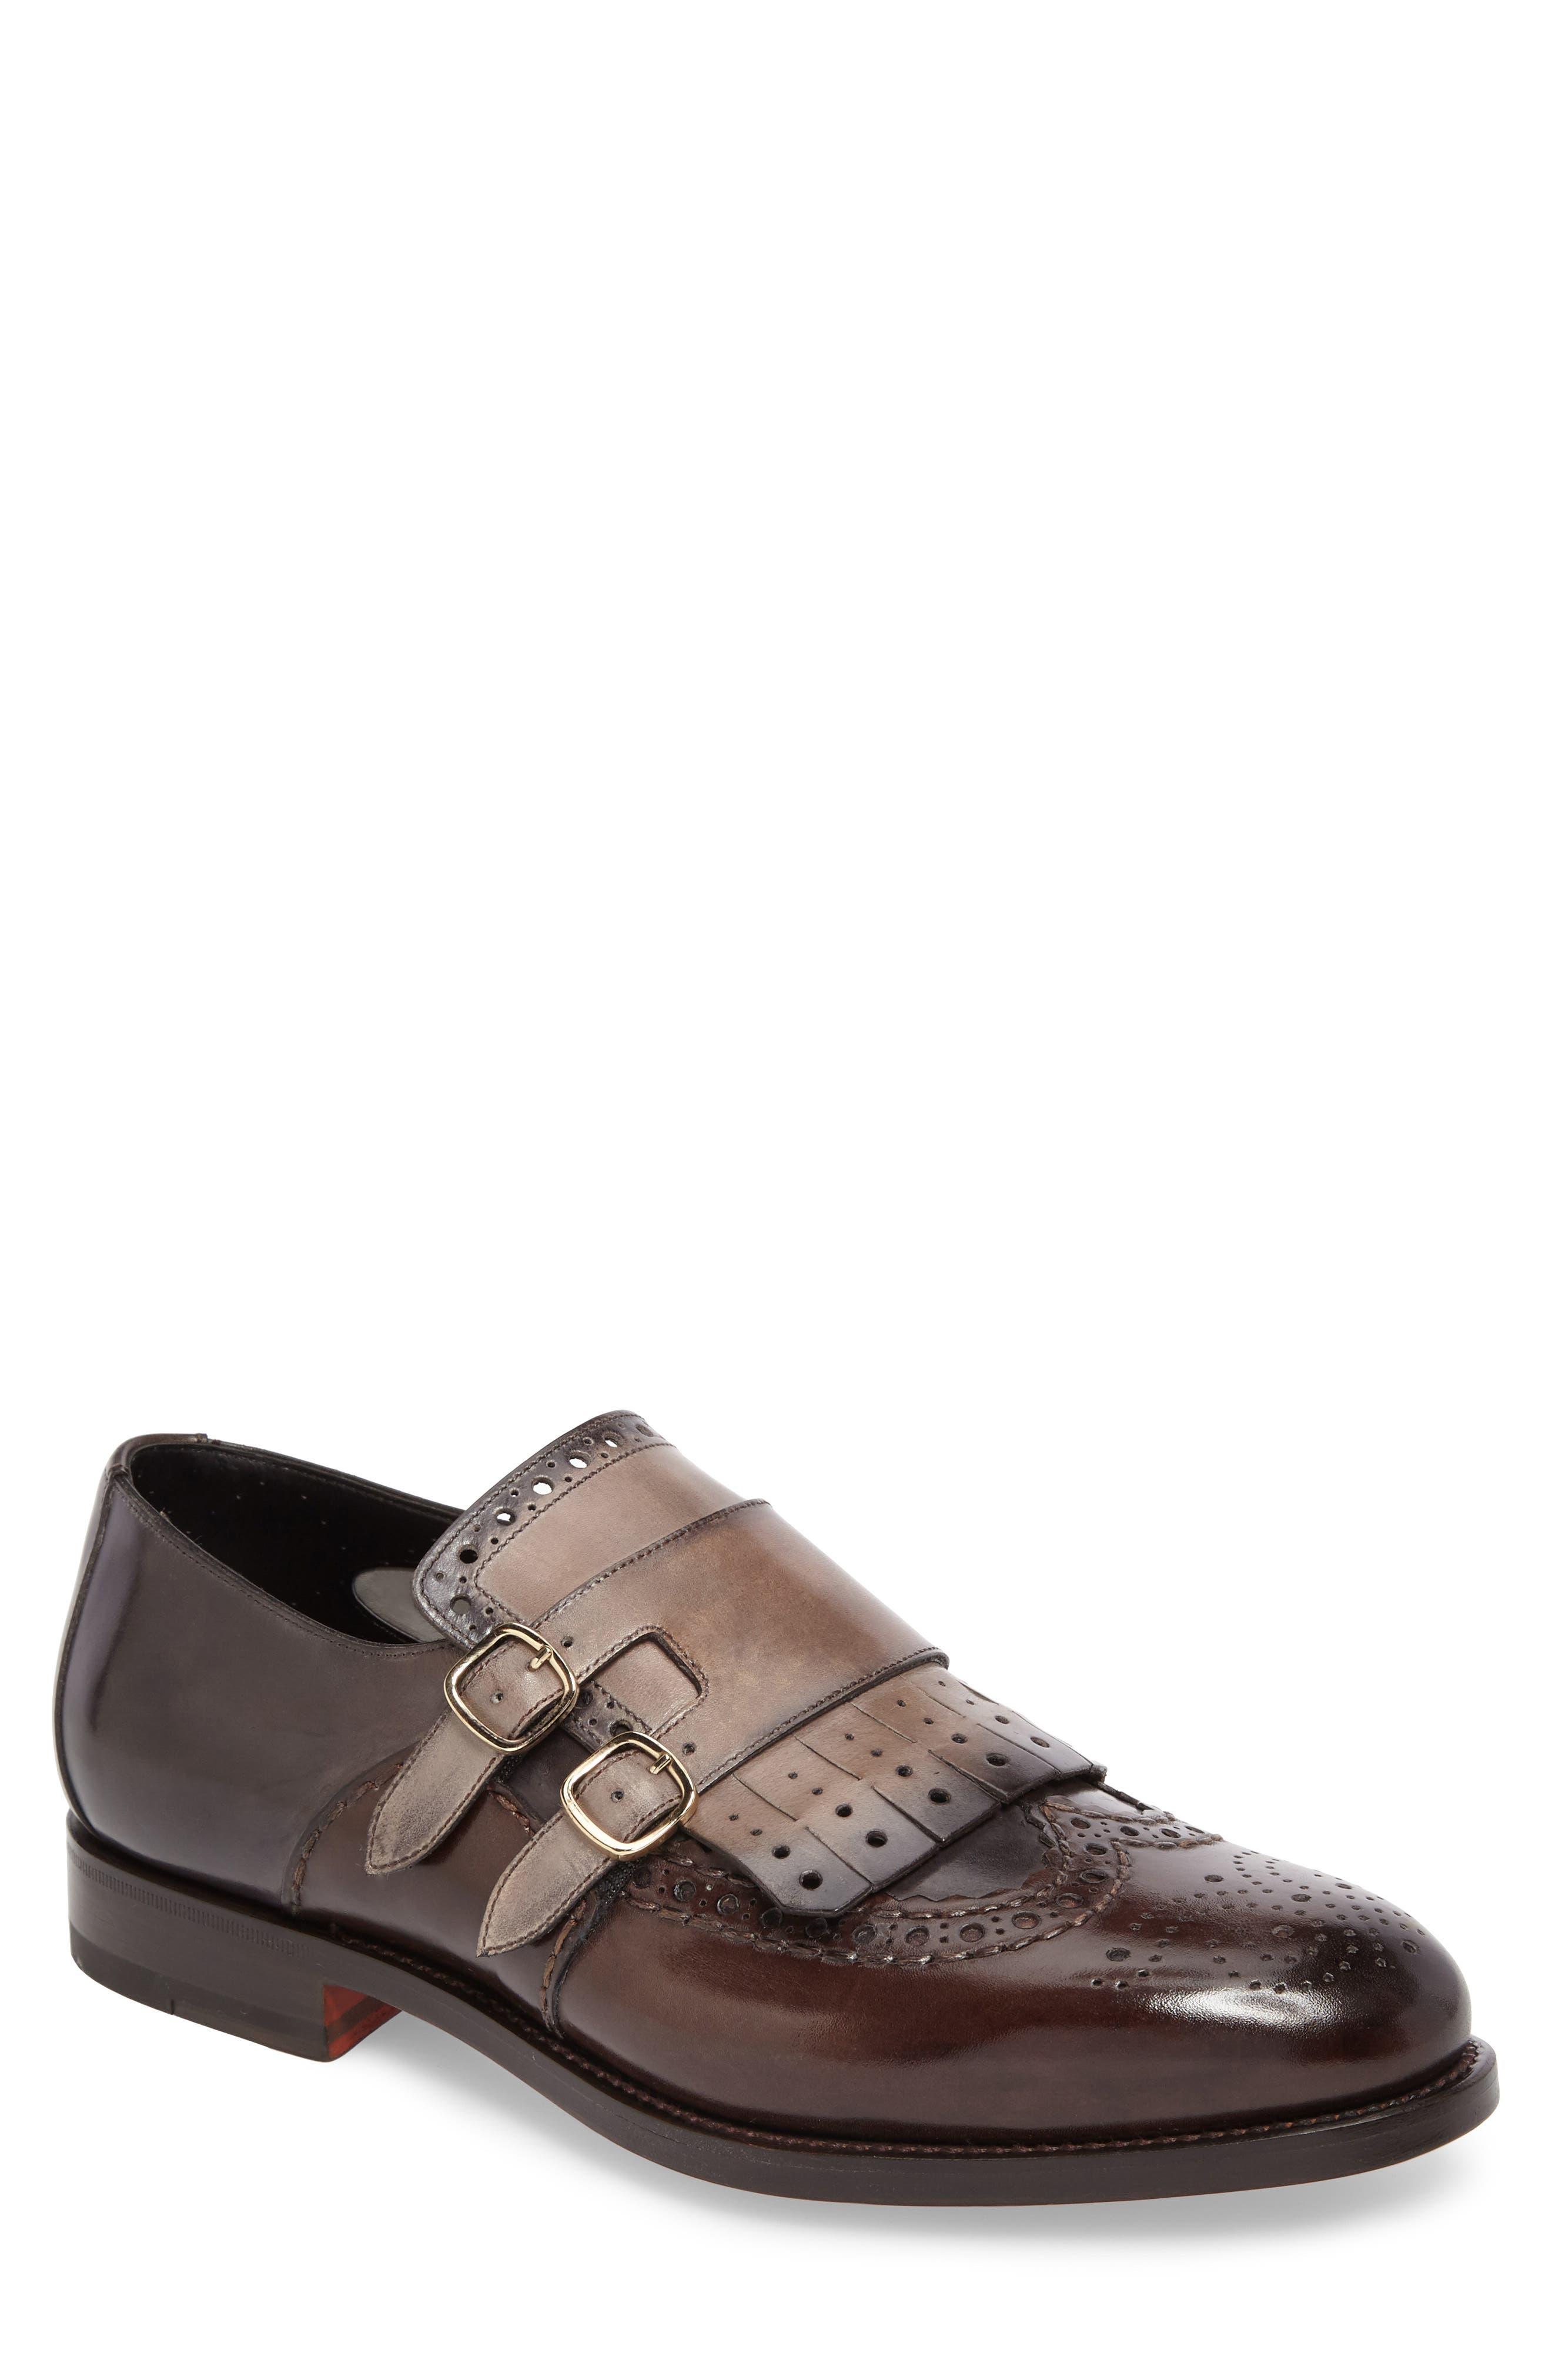 Goodwin Double Monk Strap Shoe,                         Main,                         color, 030